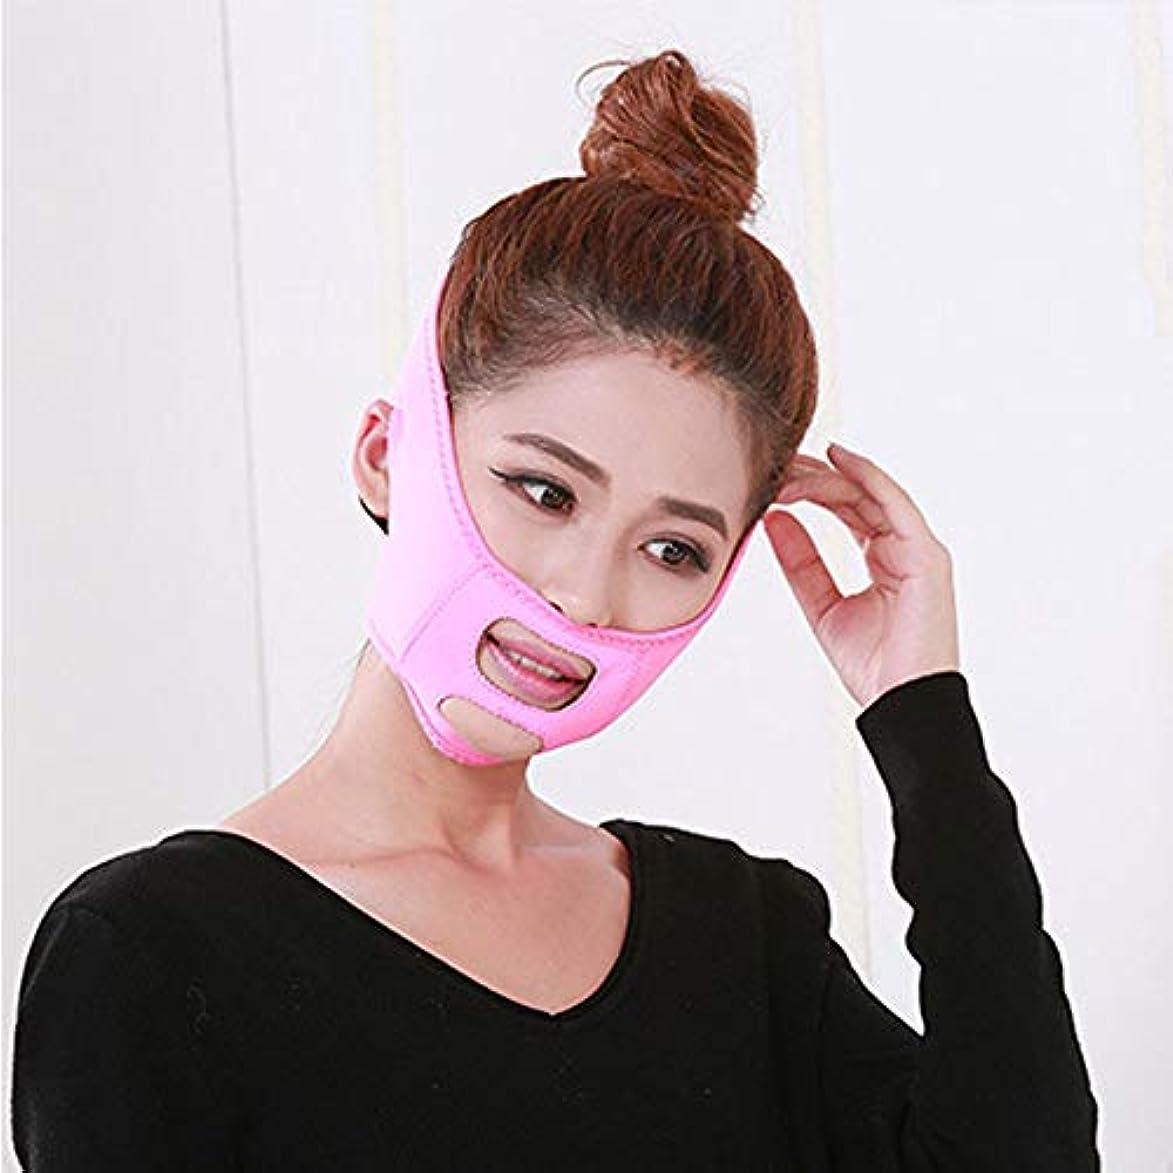 スピーチドライバ介入するV顔アーティファクト、あごの頬抗しわ通気性マスク修正3Dフェイスリフティング包帯,Pink